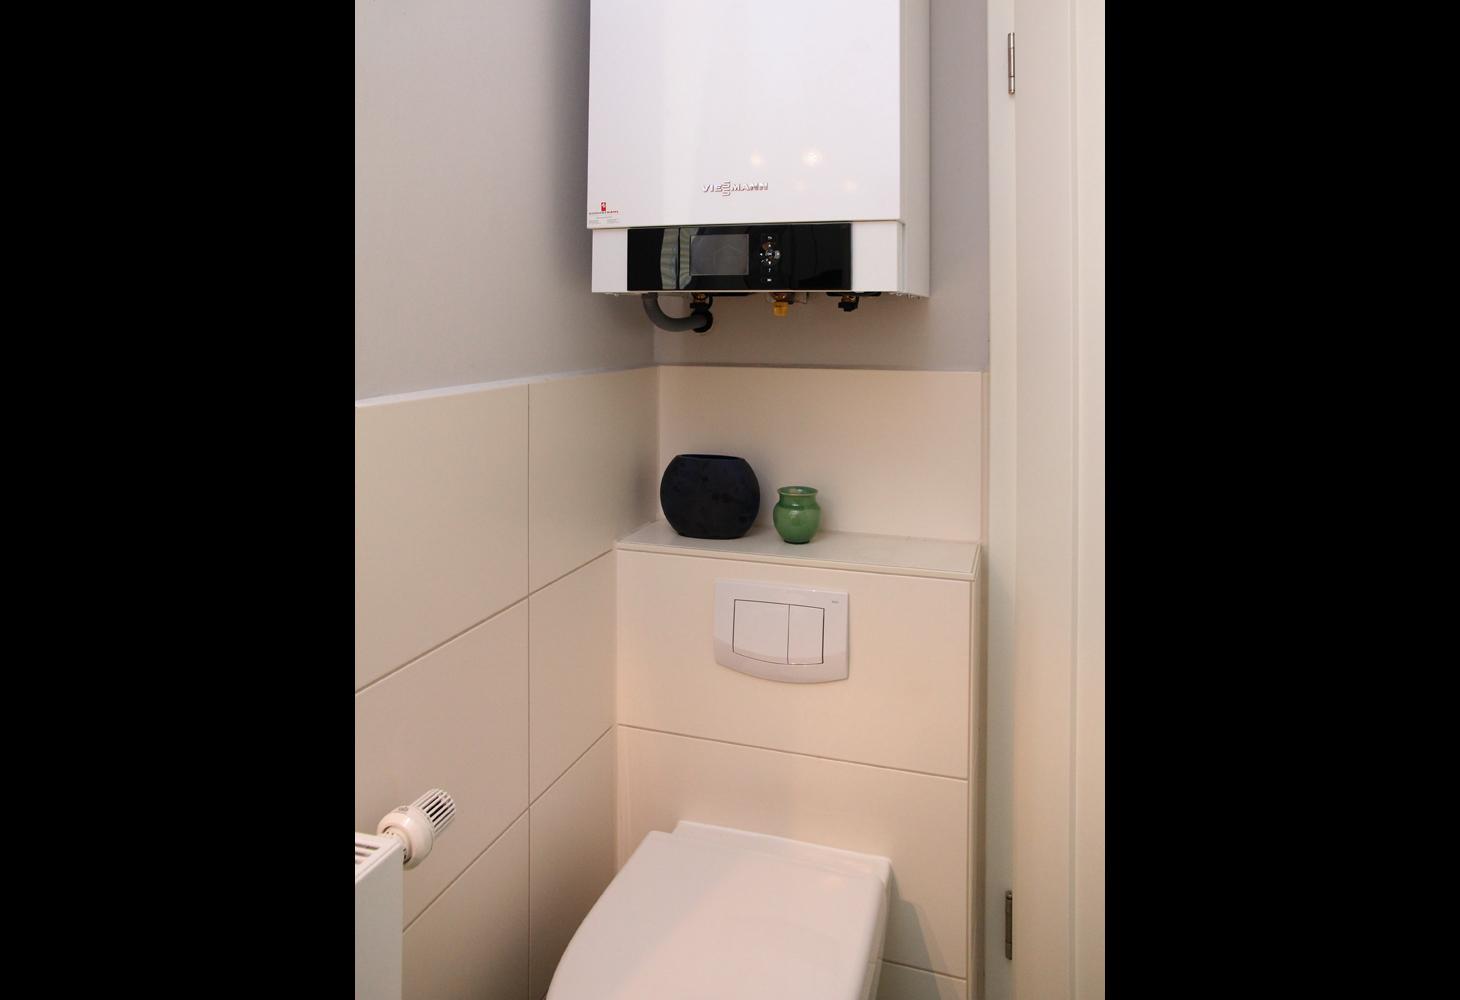 EG: Platzsparende Unterbringung der Therme über dem WC- Spülkasten.